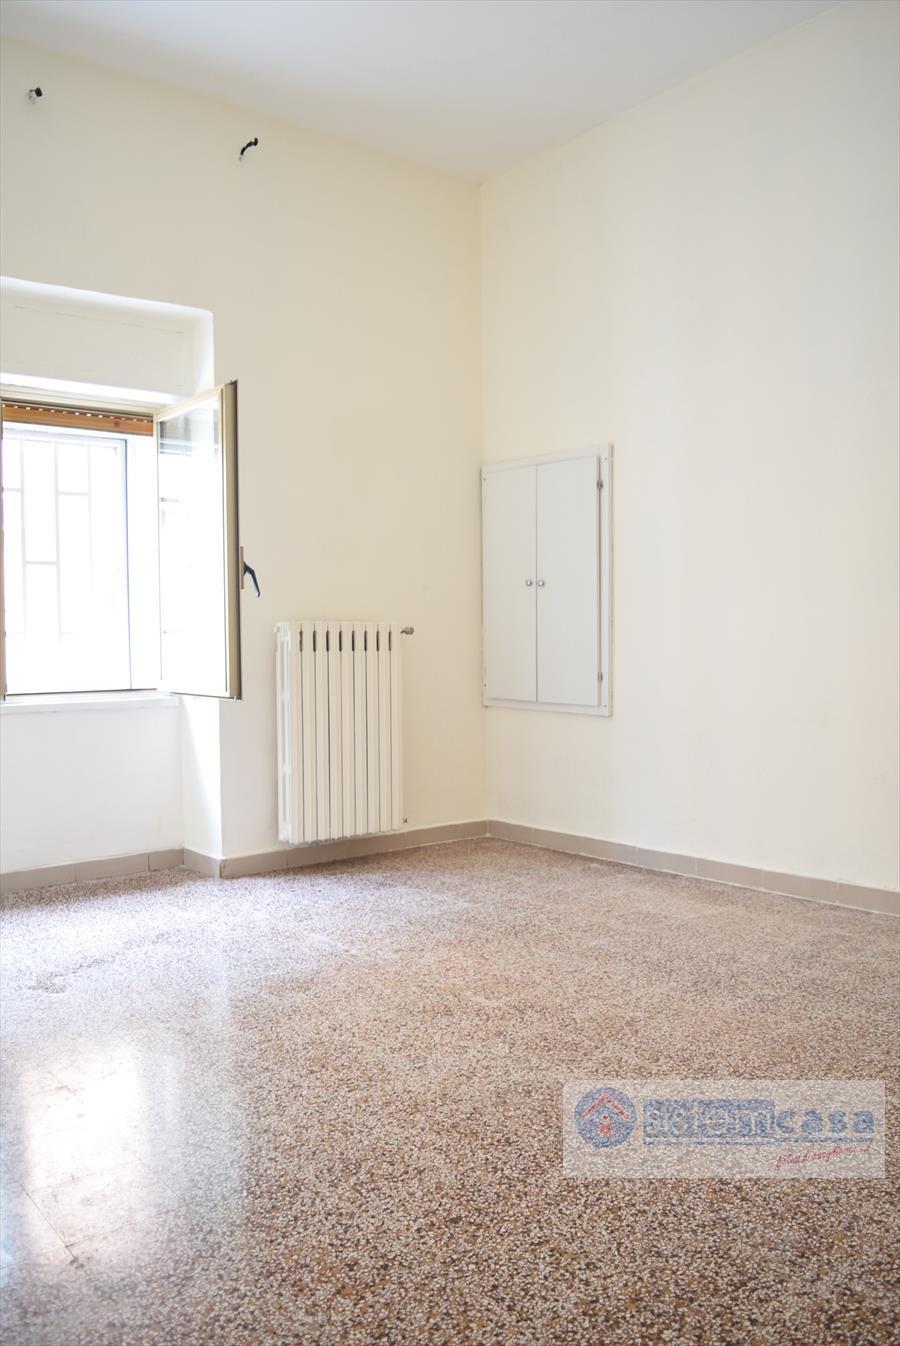 Appartamento in affitto a Corato, 2 locali, prezzo € 250 | CambioCasa.it